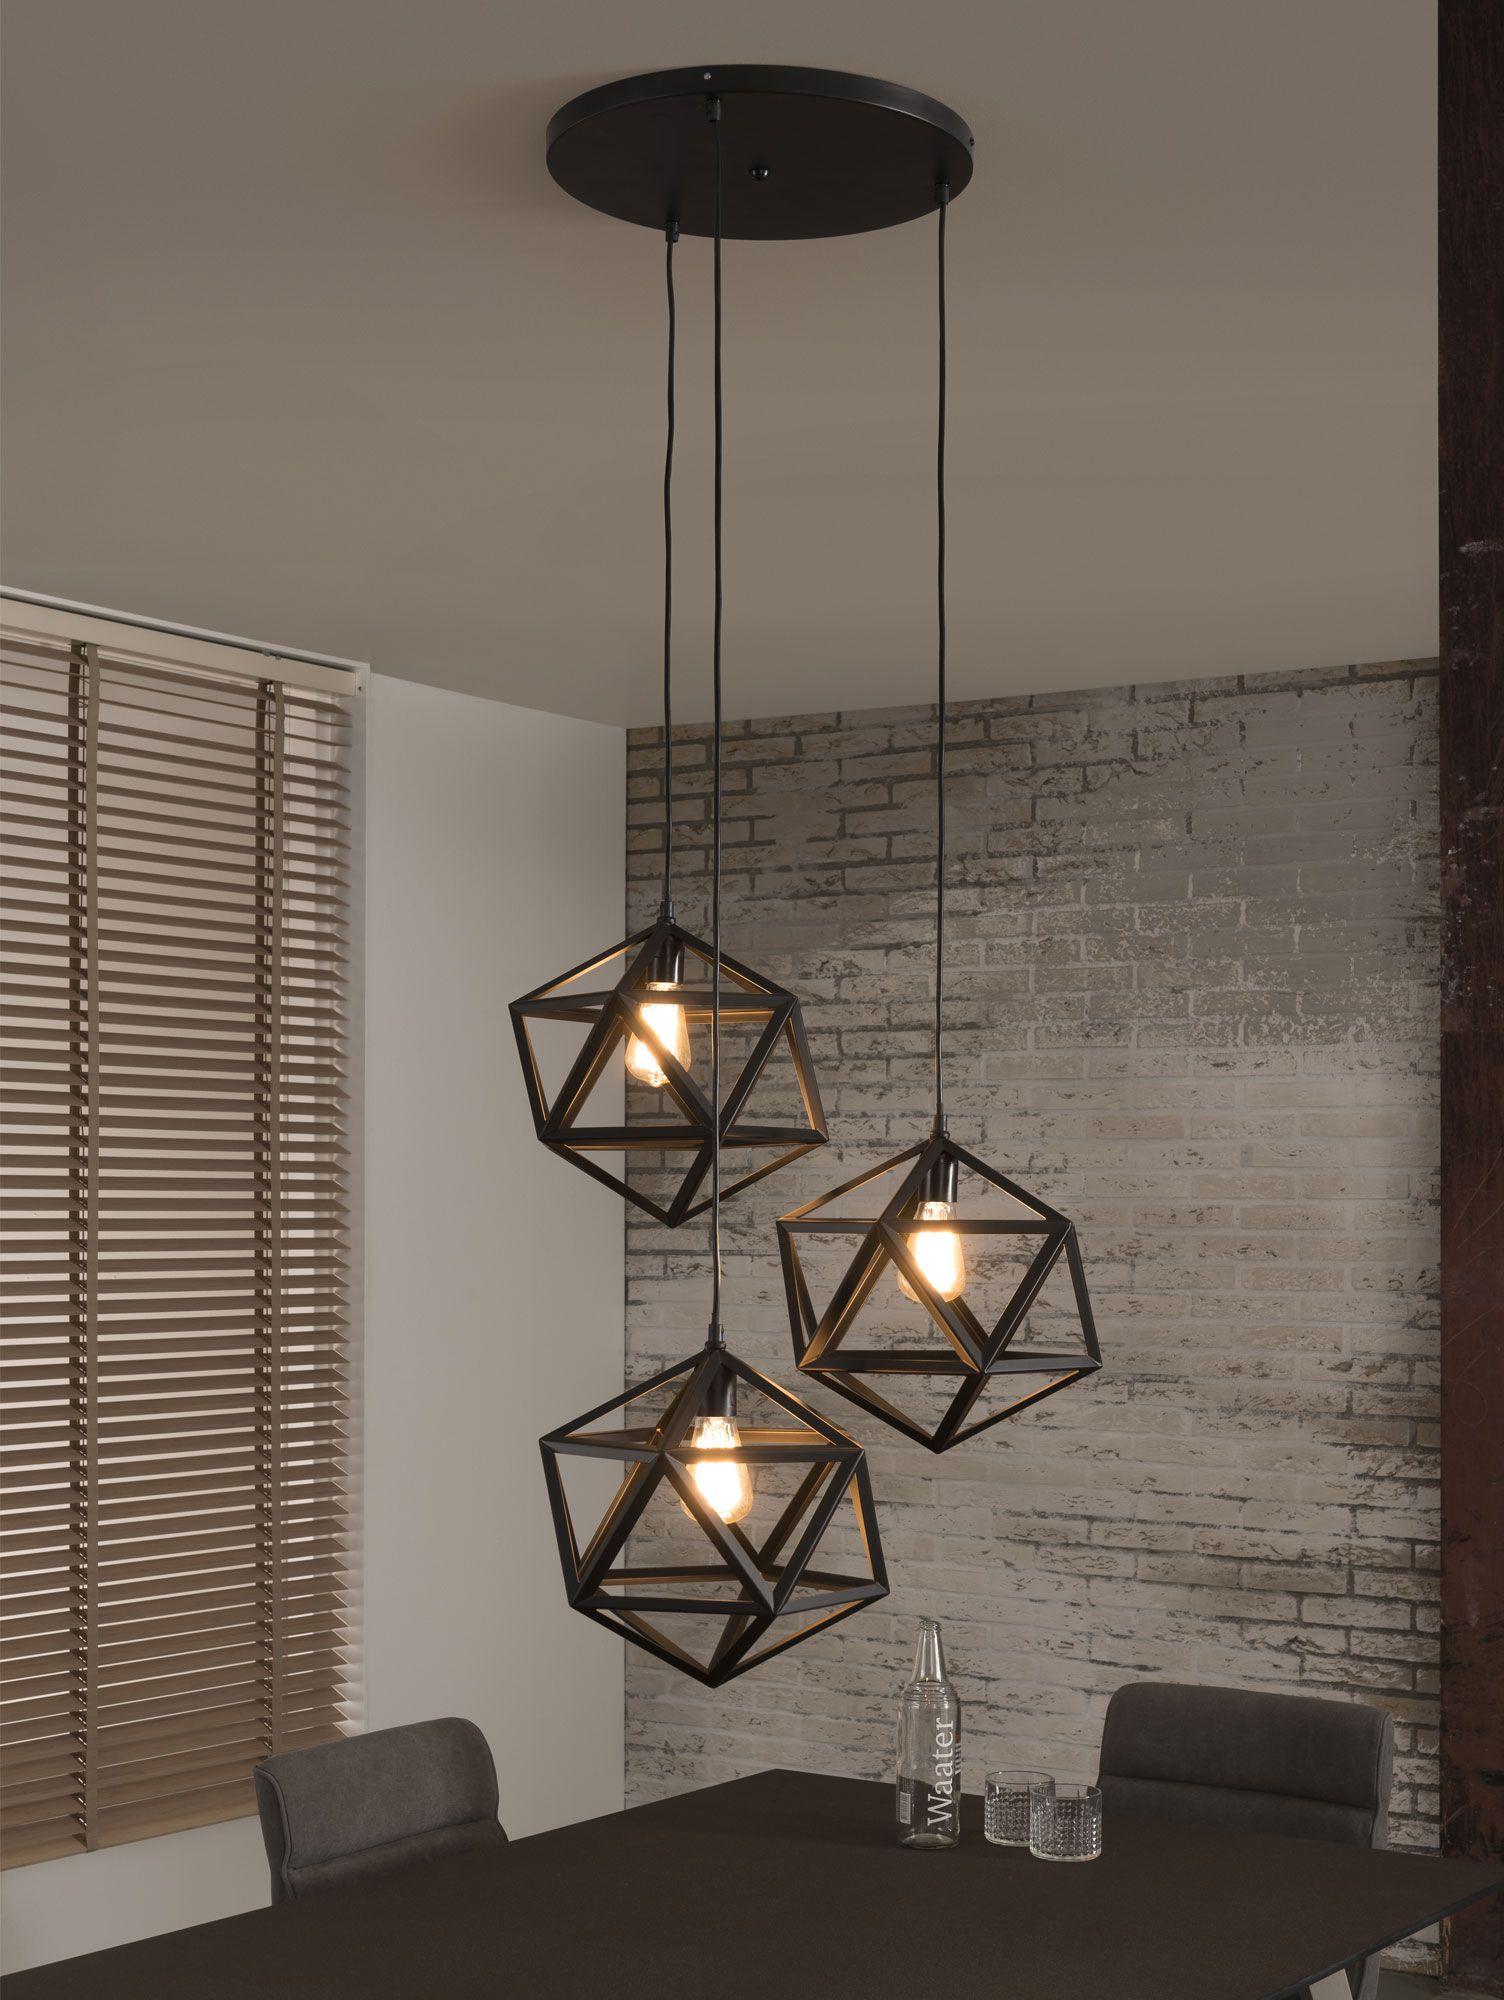 Hängelampe HANNA mit 5 Leuchten  Hängelampe wohnzimmer, Lampen